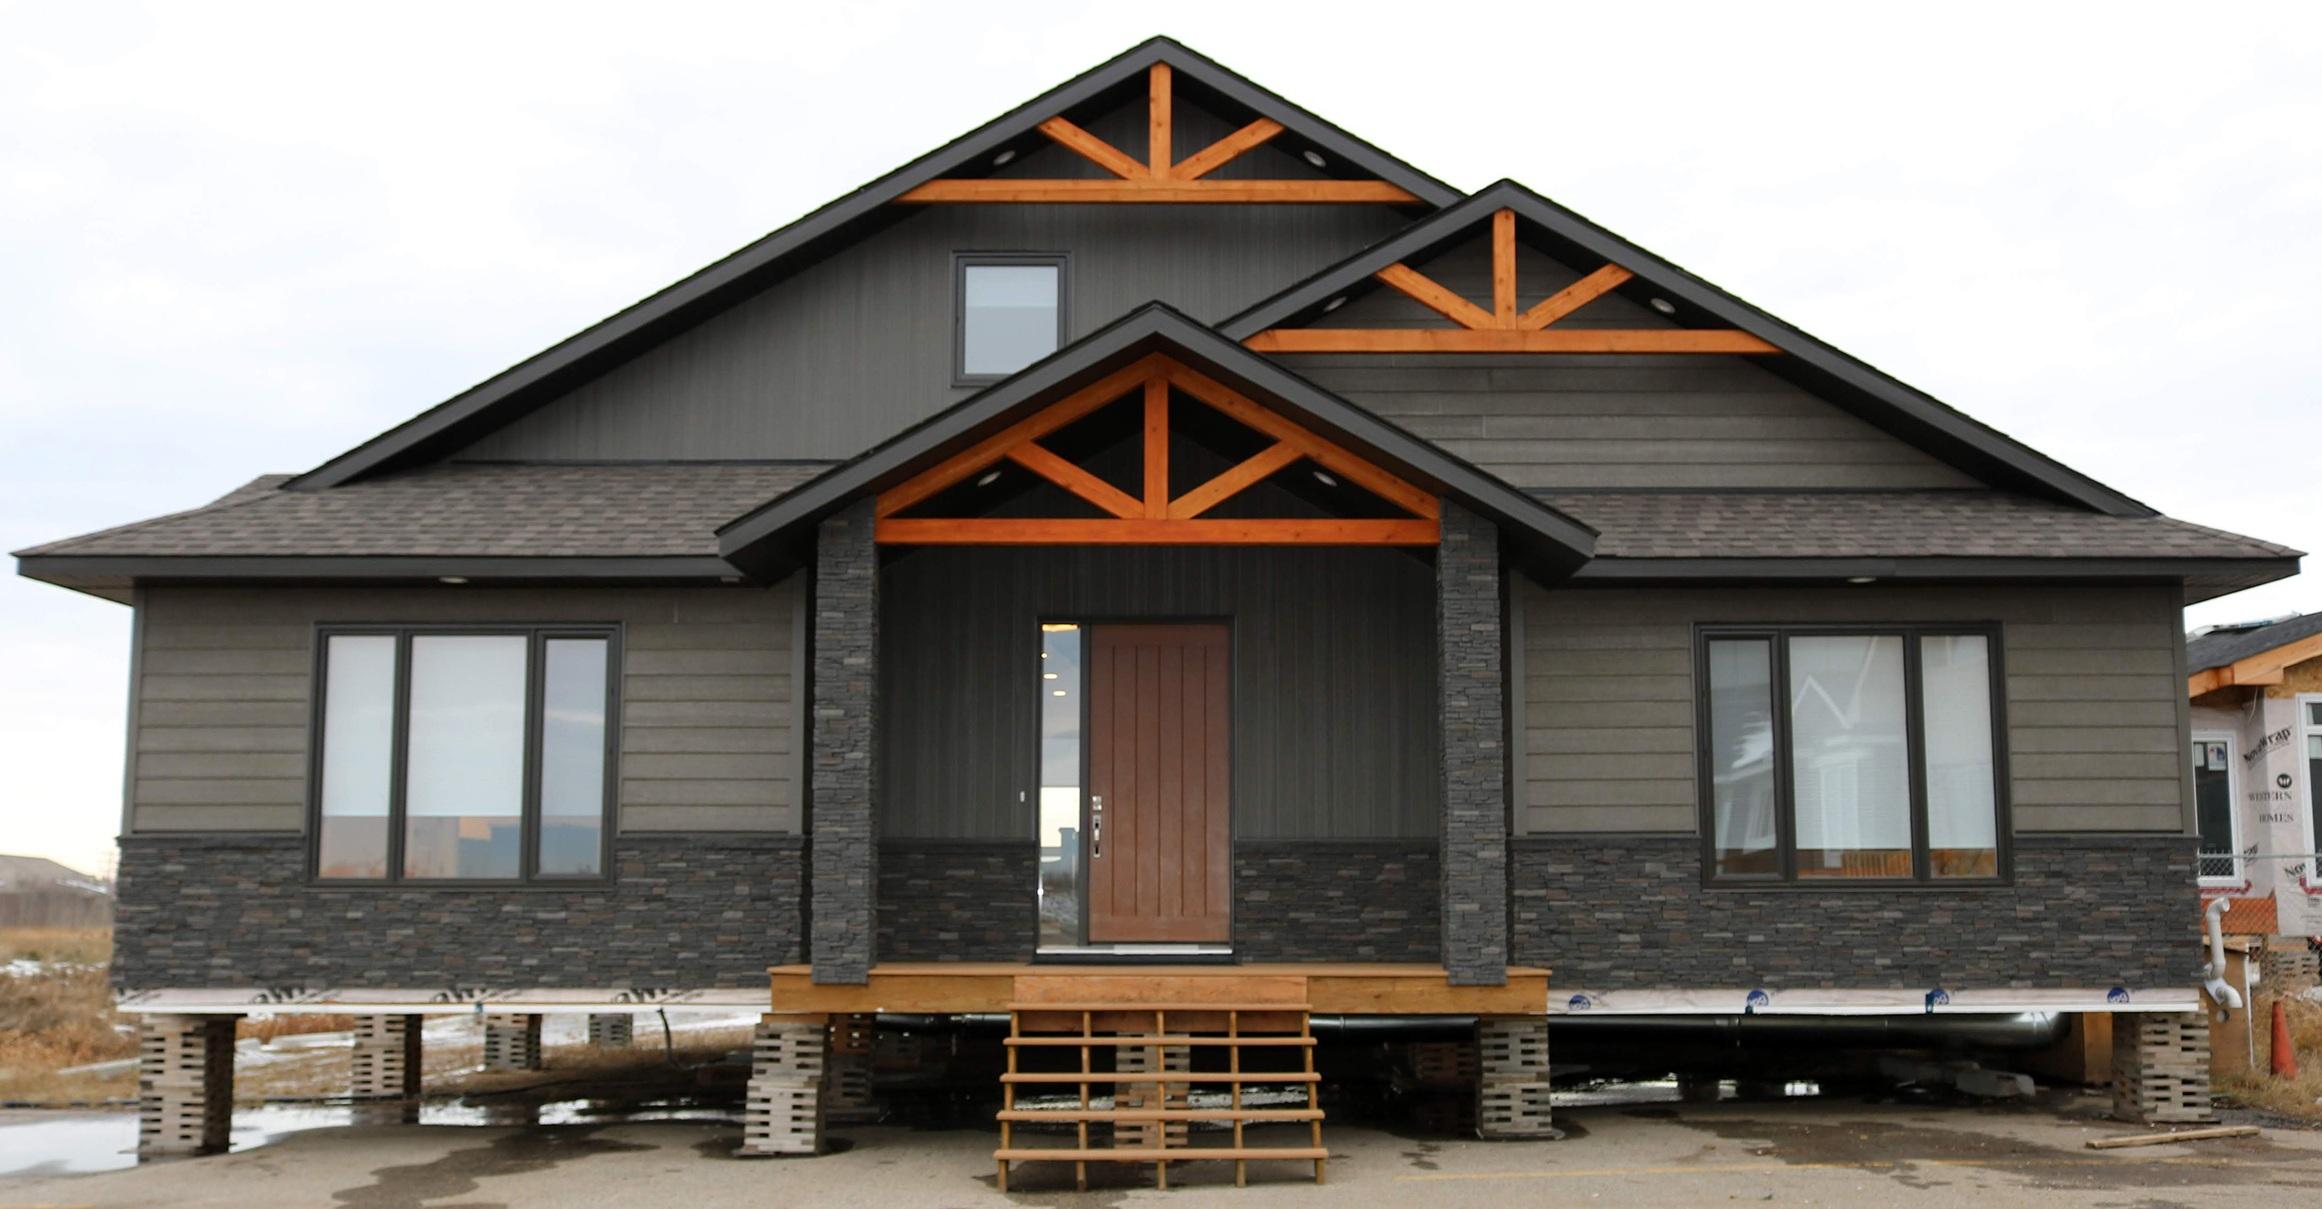 The Sutton. - 2,520 sq ftMore info >>>